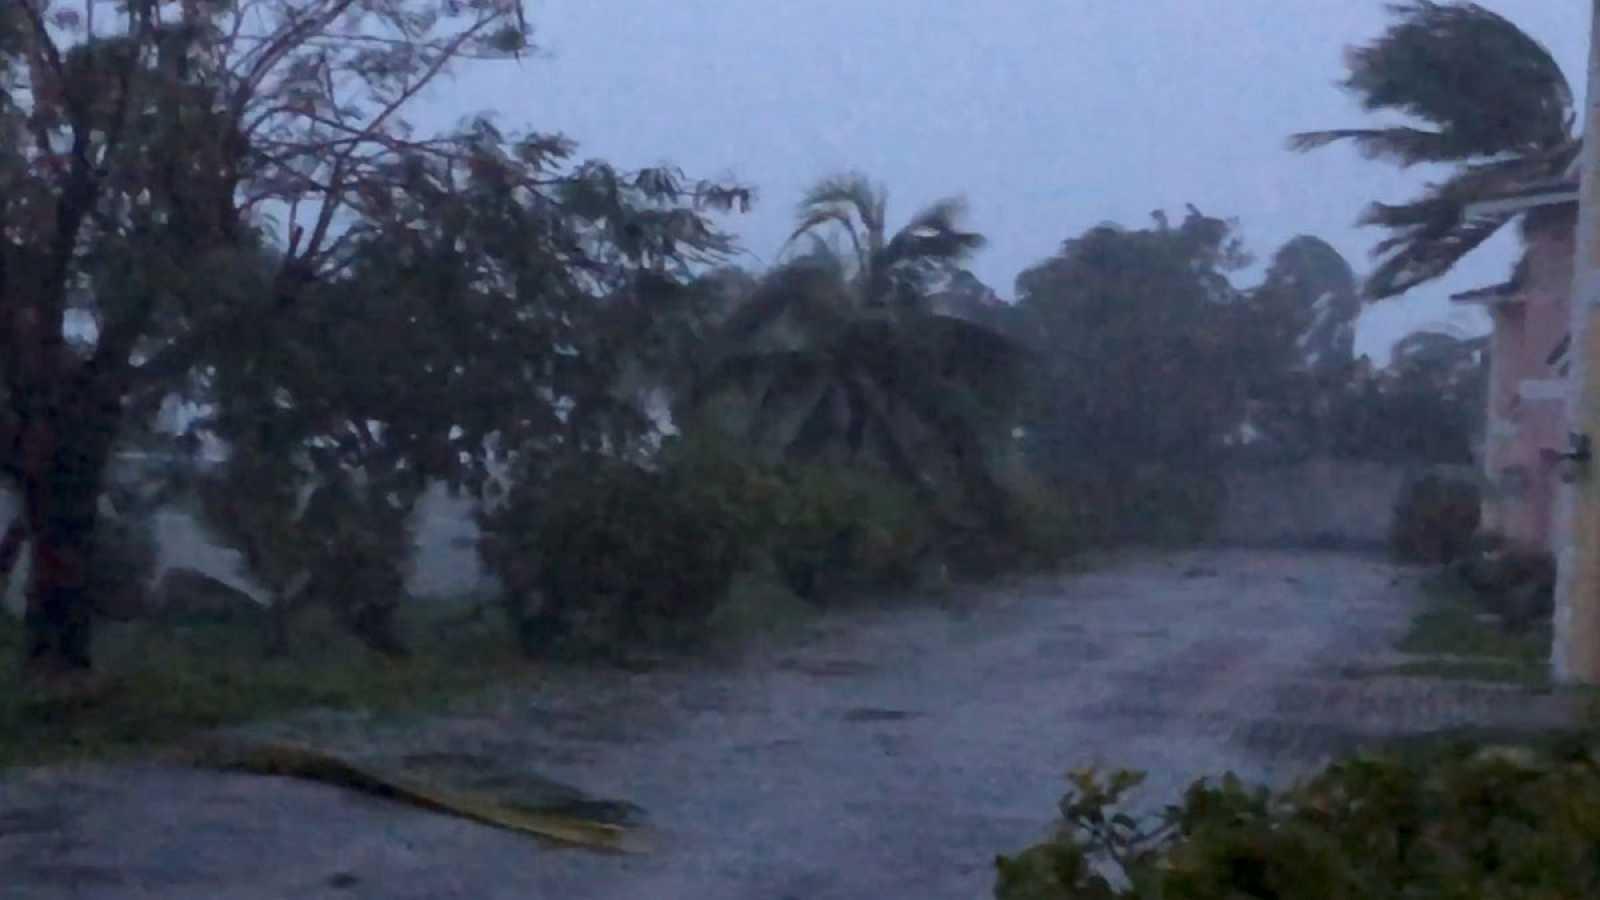 Huracán 'Dorian' deja 5 muertos y 'devastación sin precedentes' en Bahamas